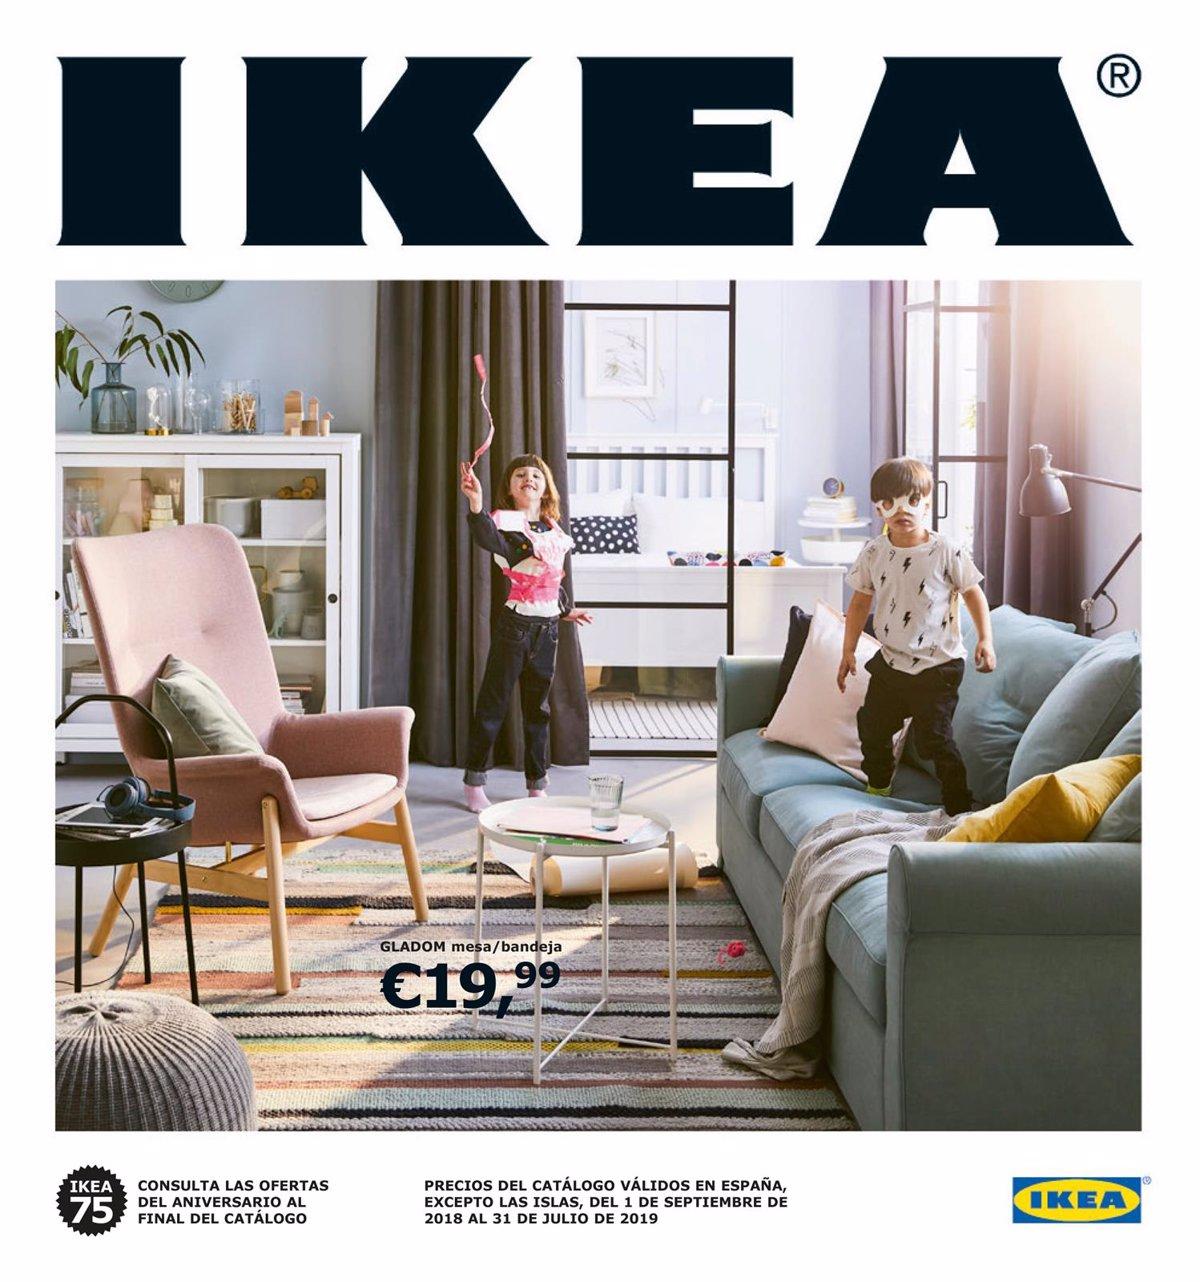 El Catálogo De Ikea Llega Desde Mañana A Más De 7 Millones